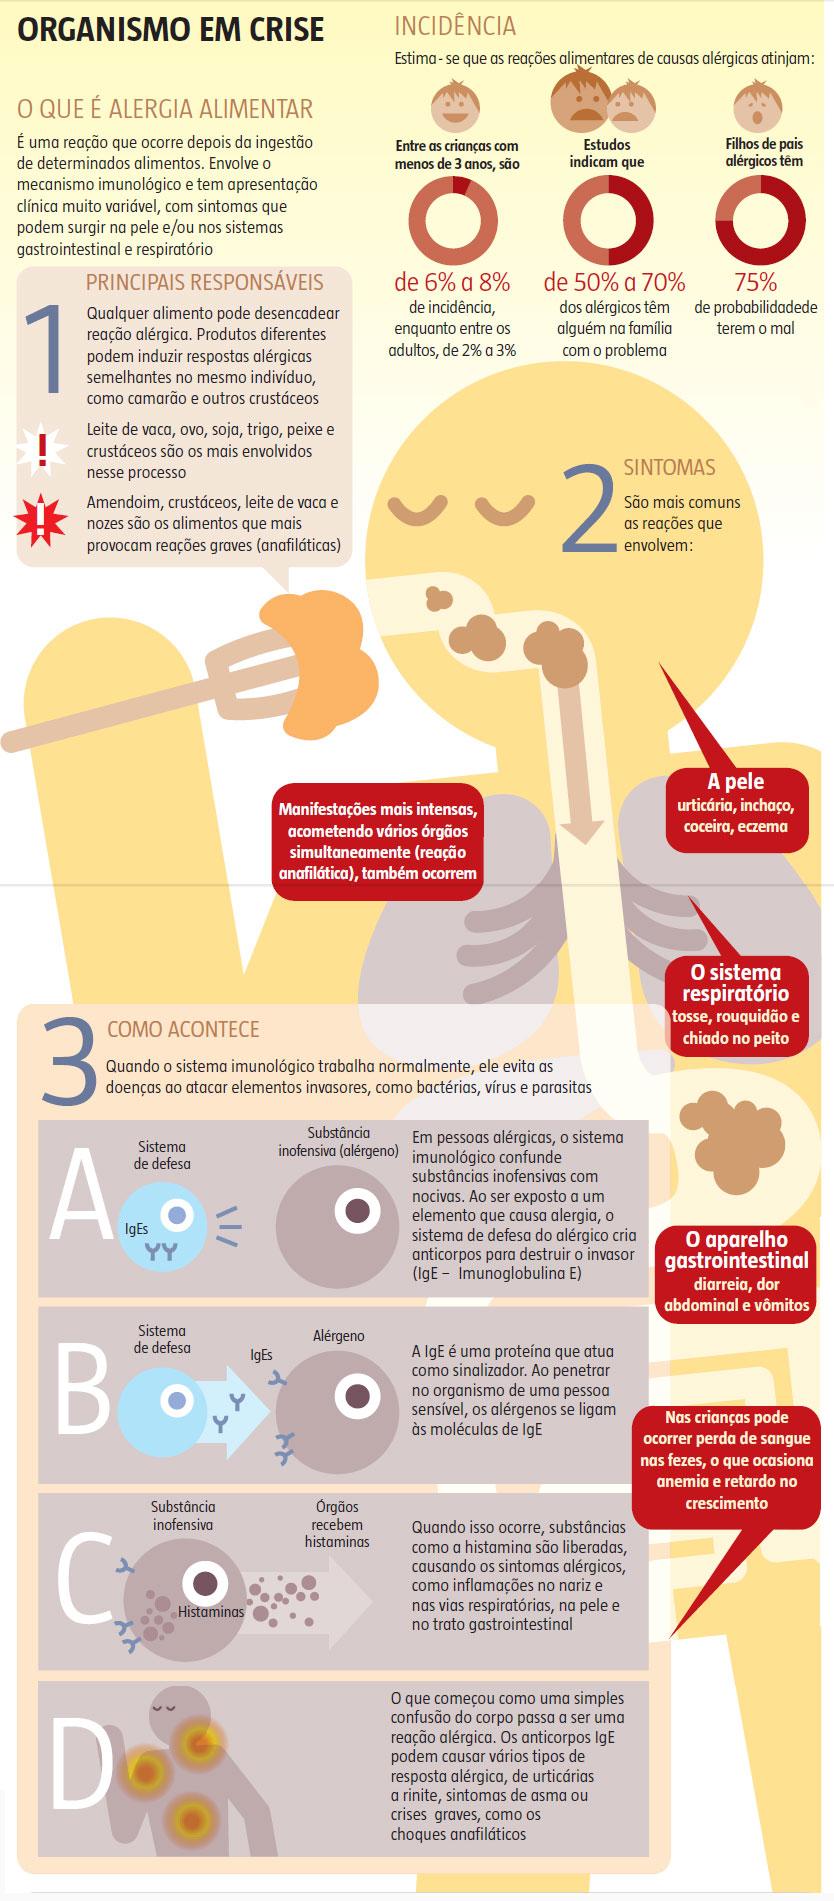 Alergia alimentar. Por que acontece? Cresce no país alergia a produtos como ovo e trigo